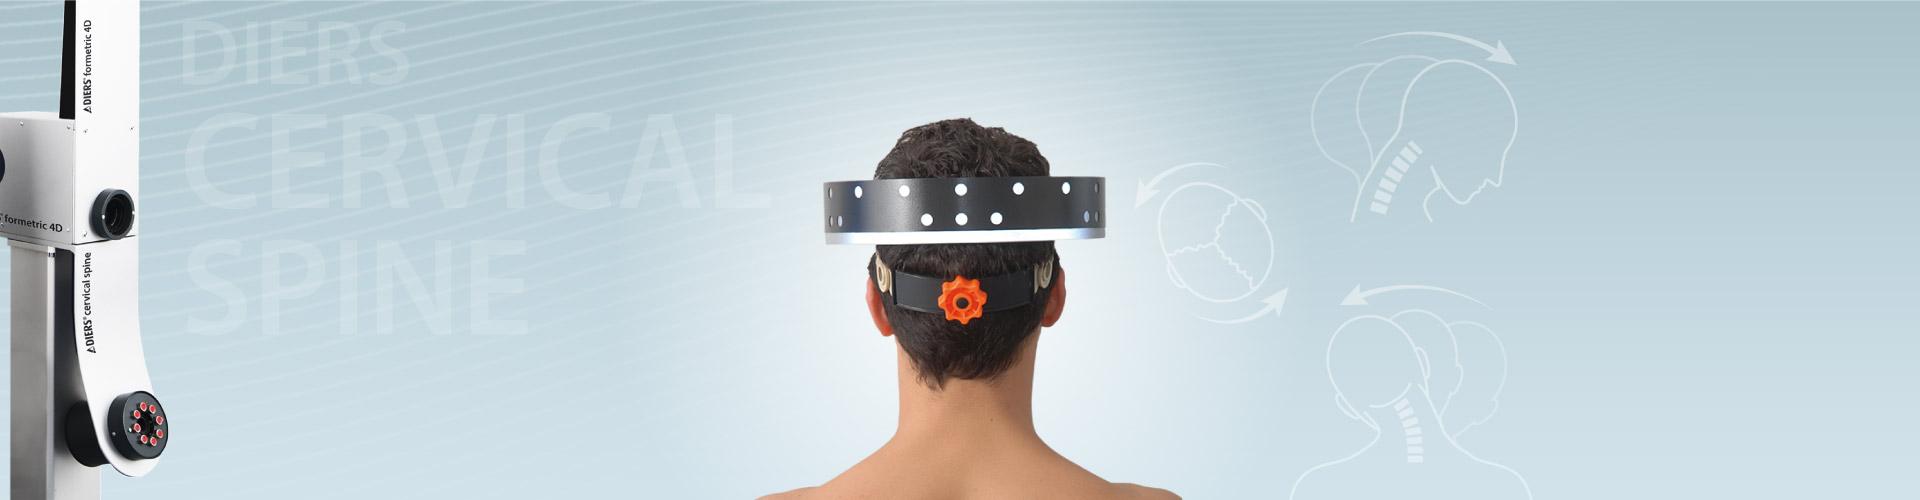 DIERS cervical spine: 3D-Recording of the Cervical Spine (Range of Motion)